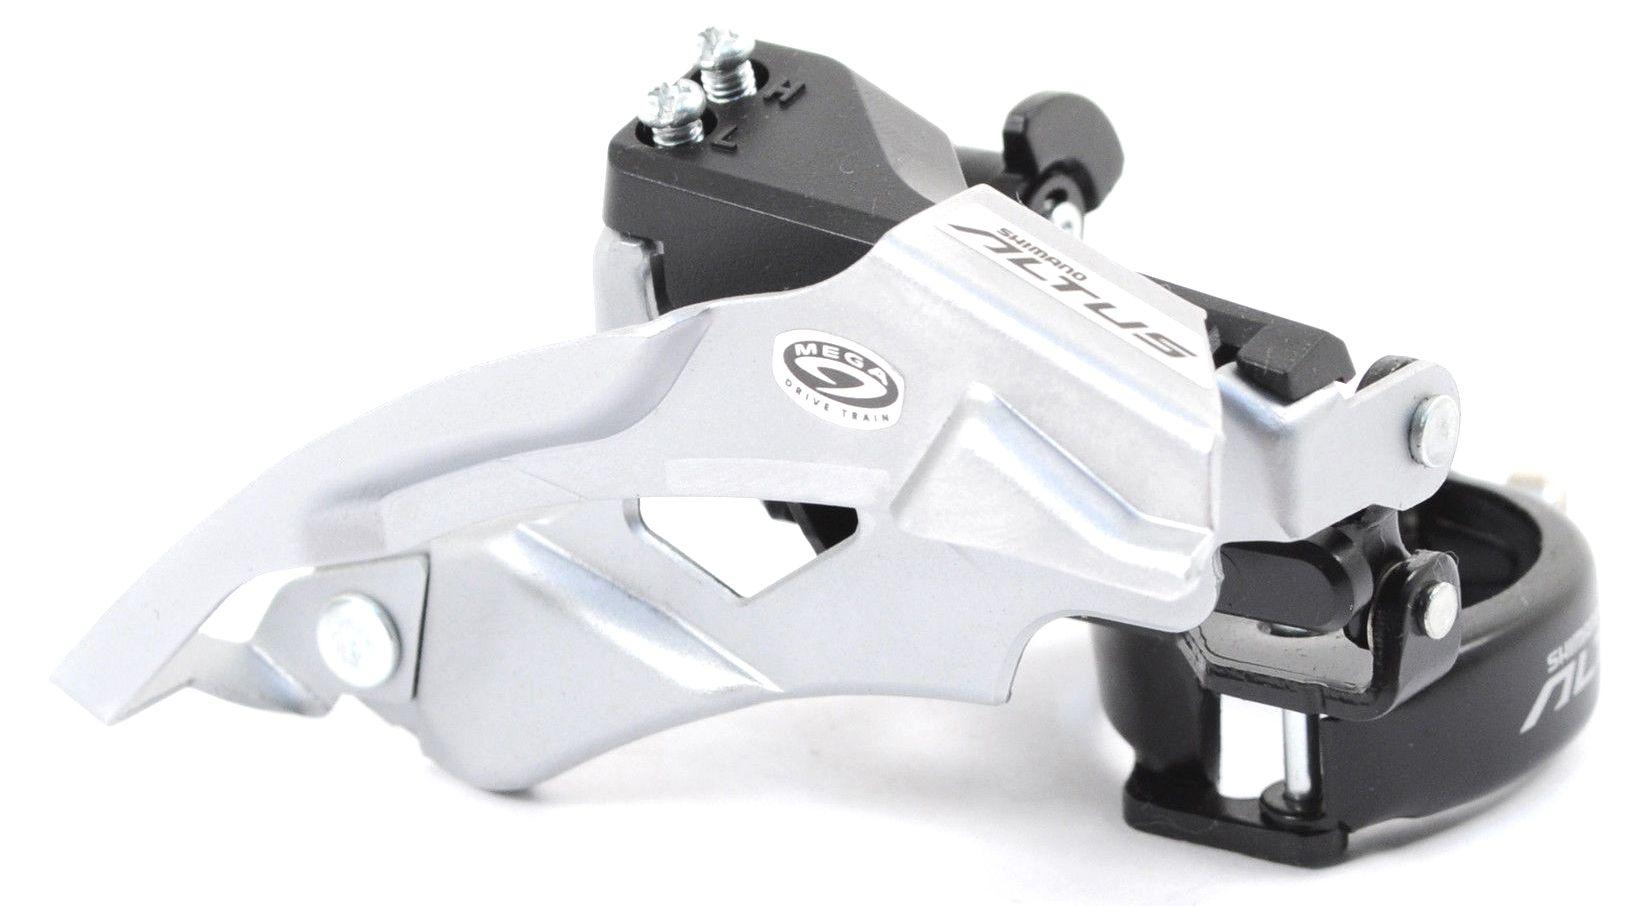 Запчасть Shimano Altus M370 (EFDM370X3) цена